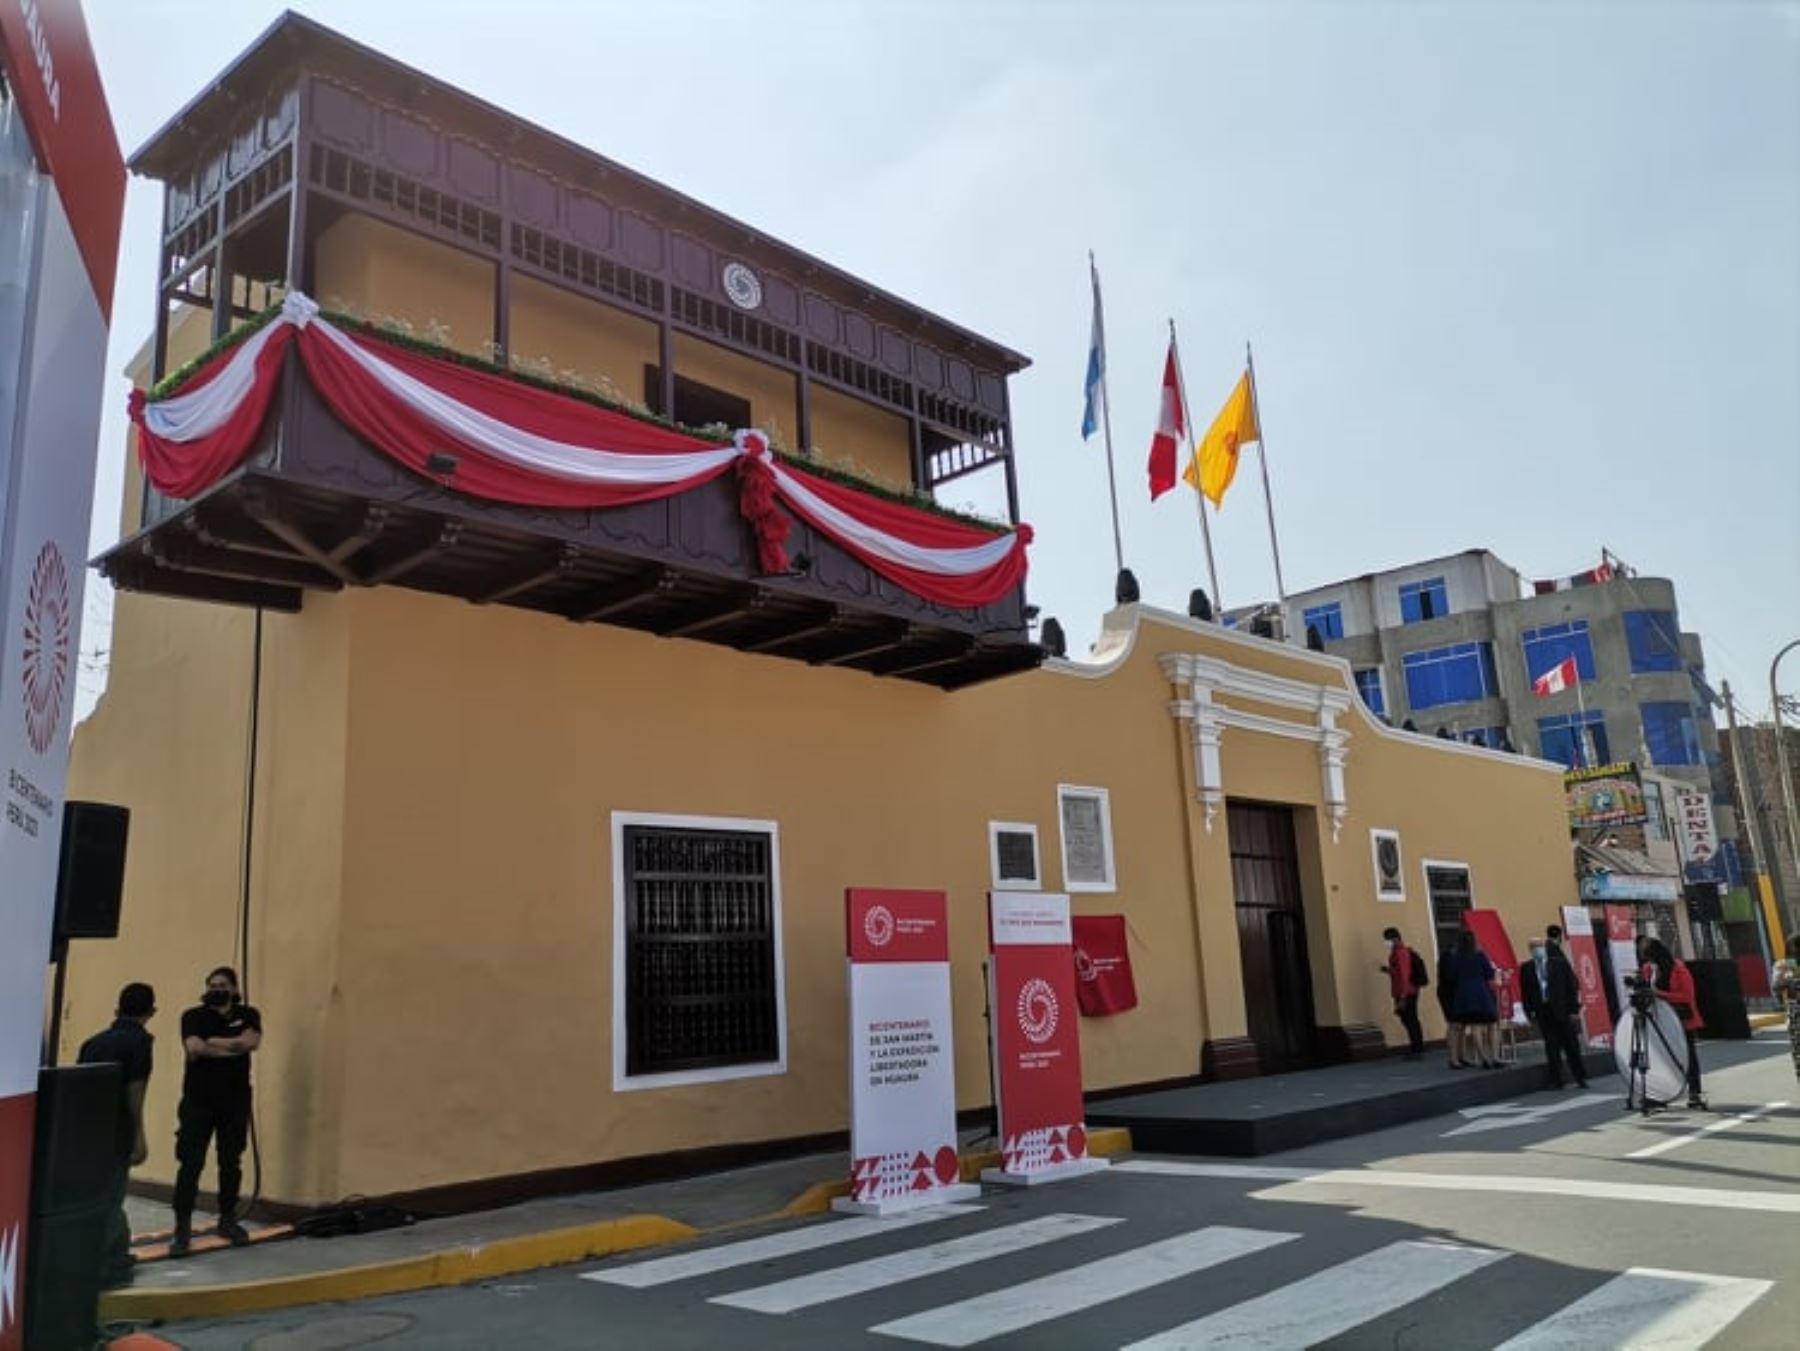 El histórico Balcón de Huaura, desde donde el general José de San Martín proclamó la Independencia del Perú hace 200 años, es el punto de partida para conocer la Ruta del Libertador, un circuito turístico que ofrece la Región Lima. Foto: Elio Murillo